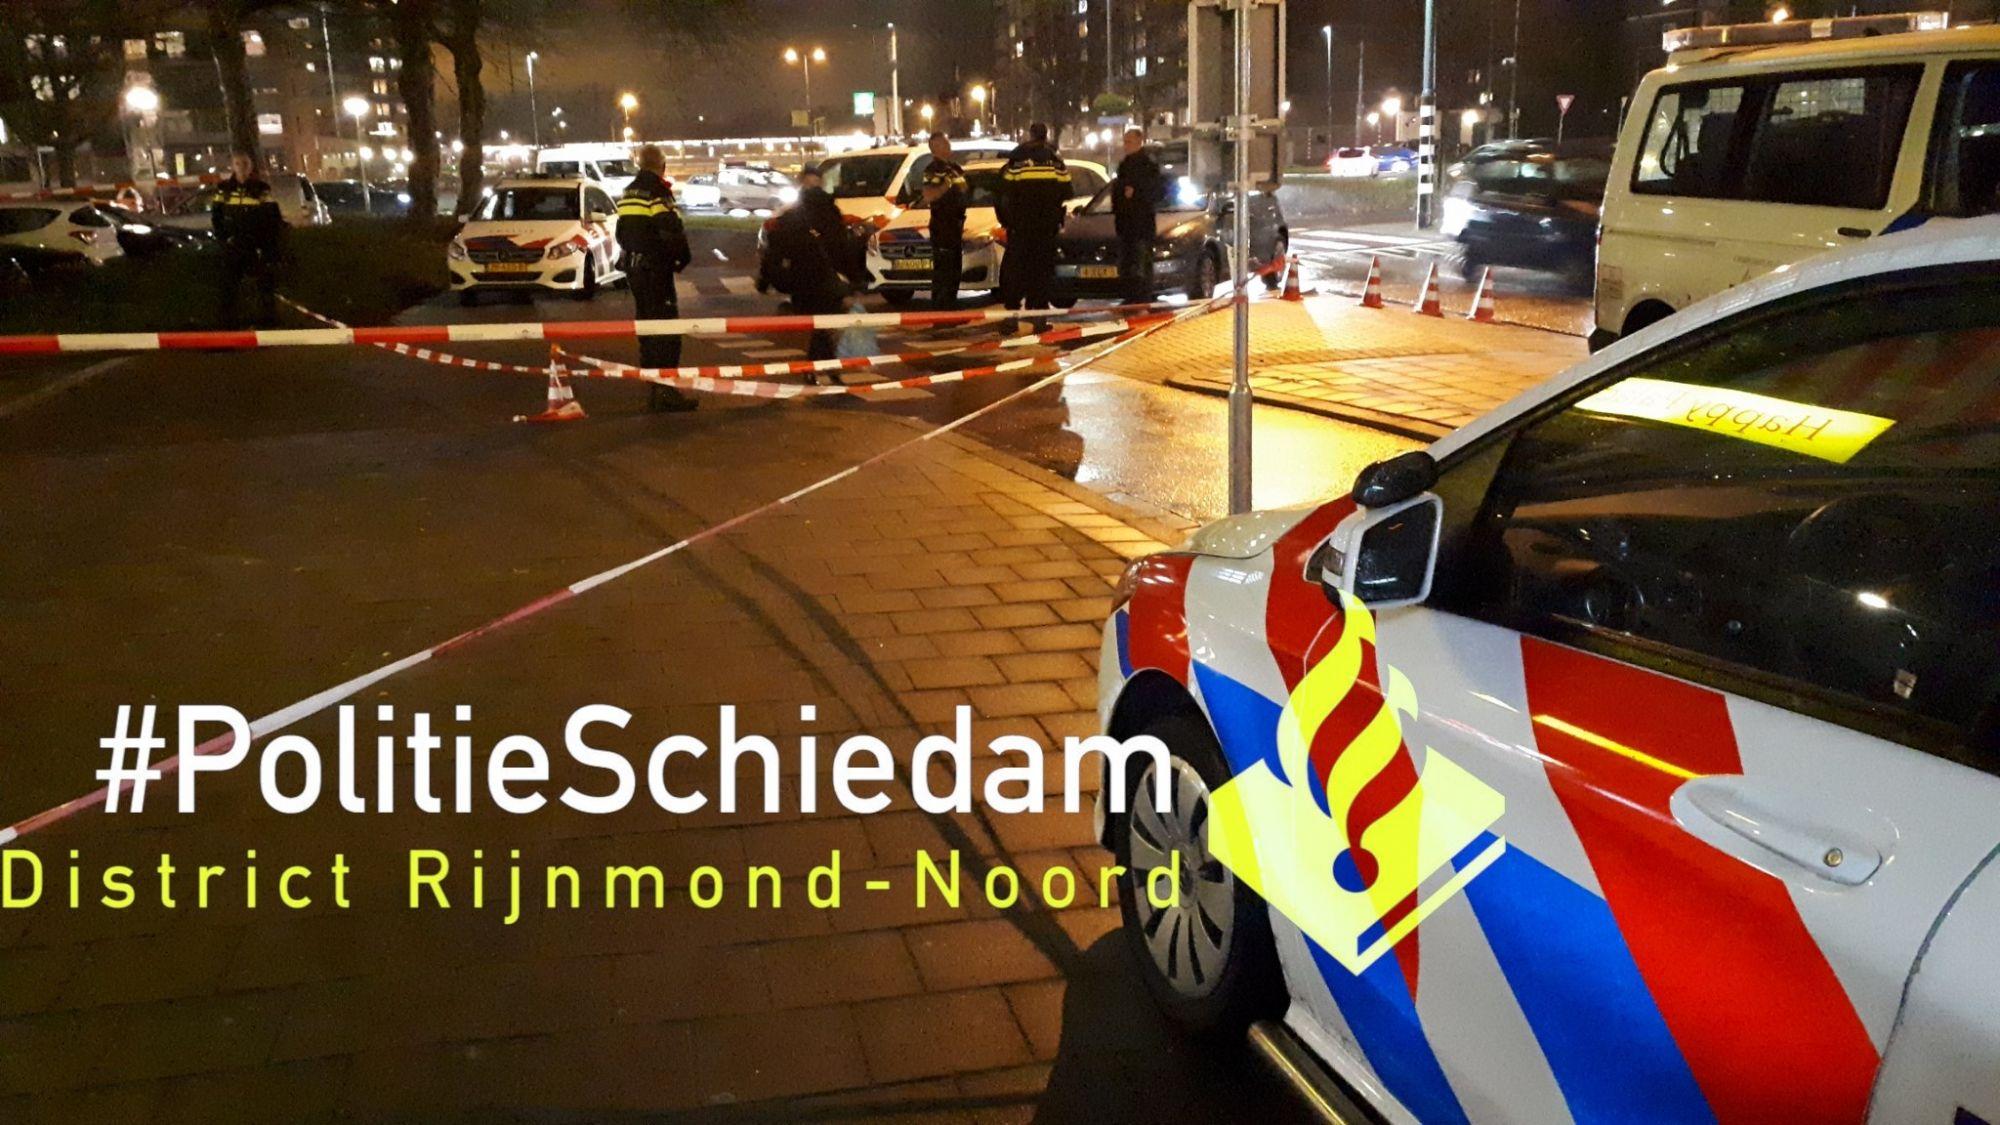 Steekincident op Nieuwlandplein